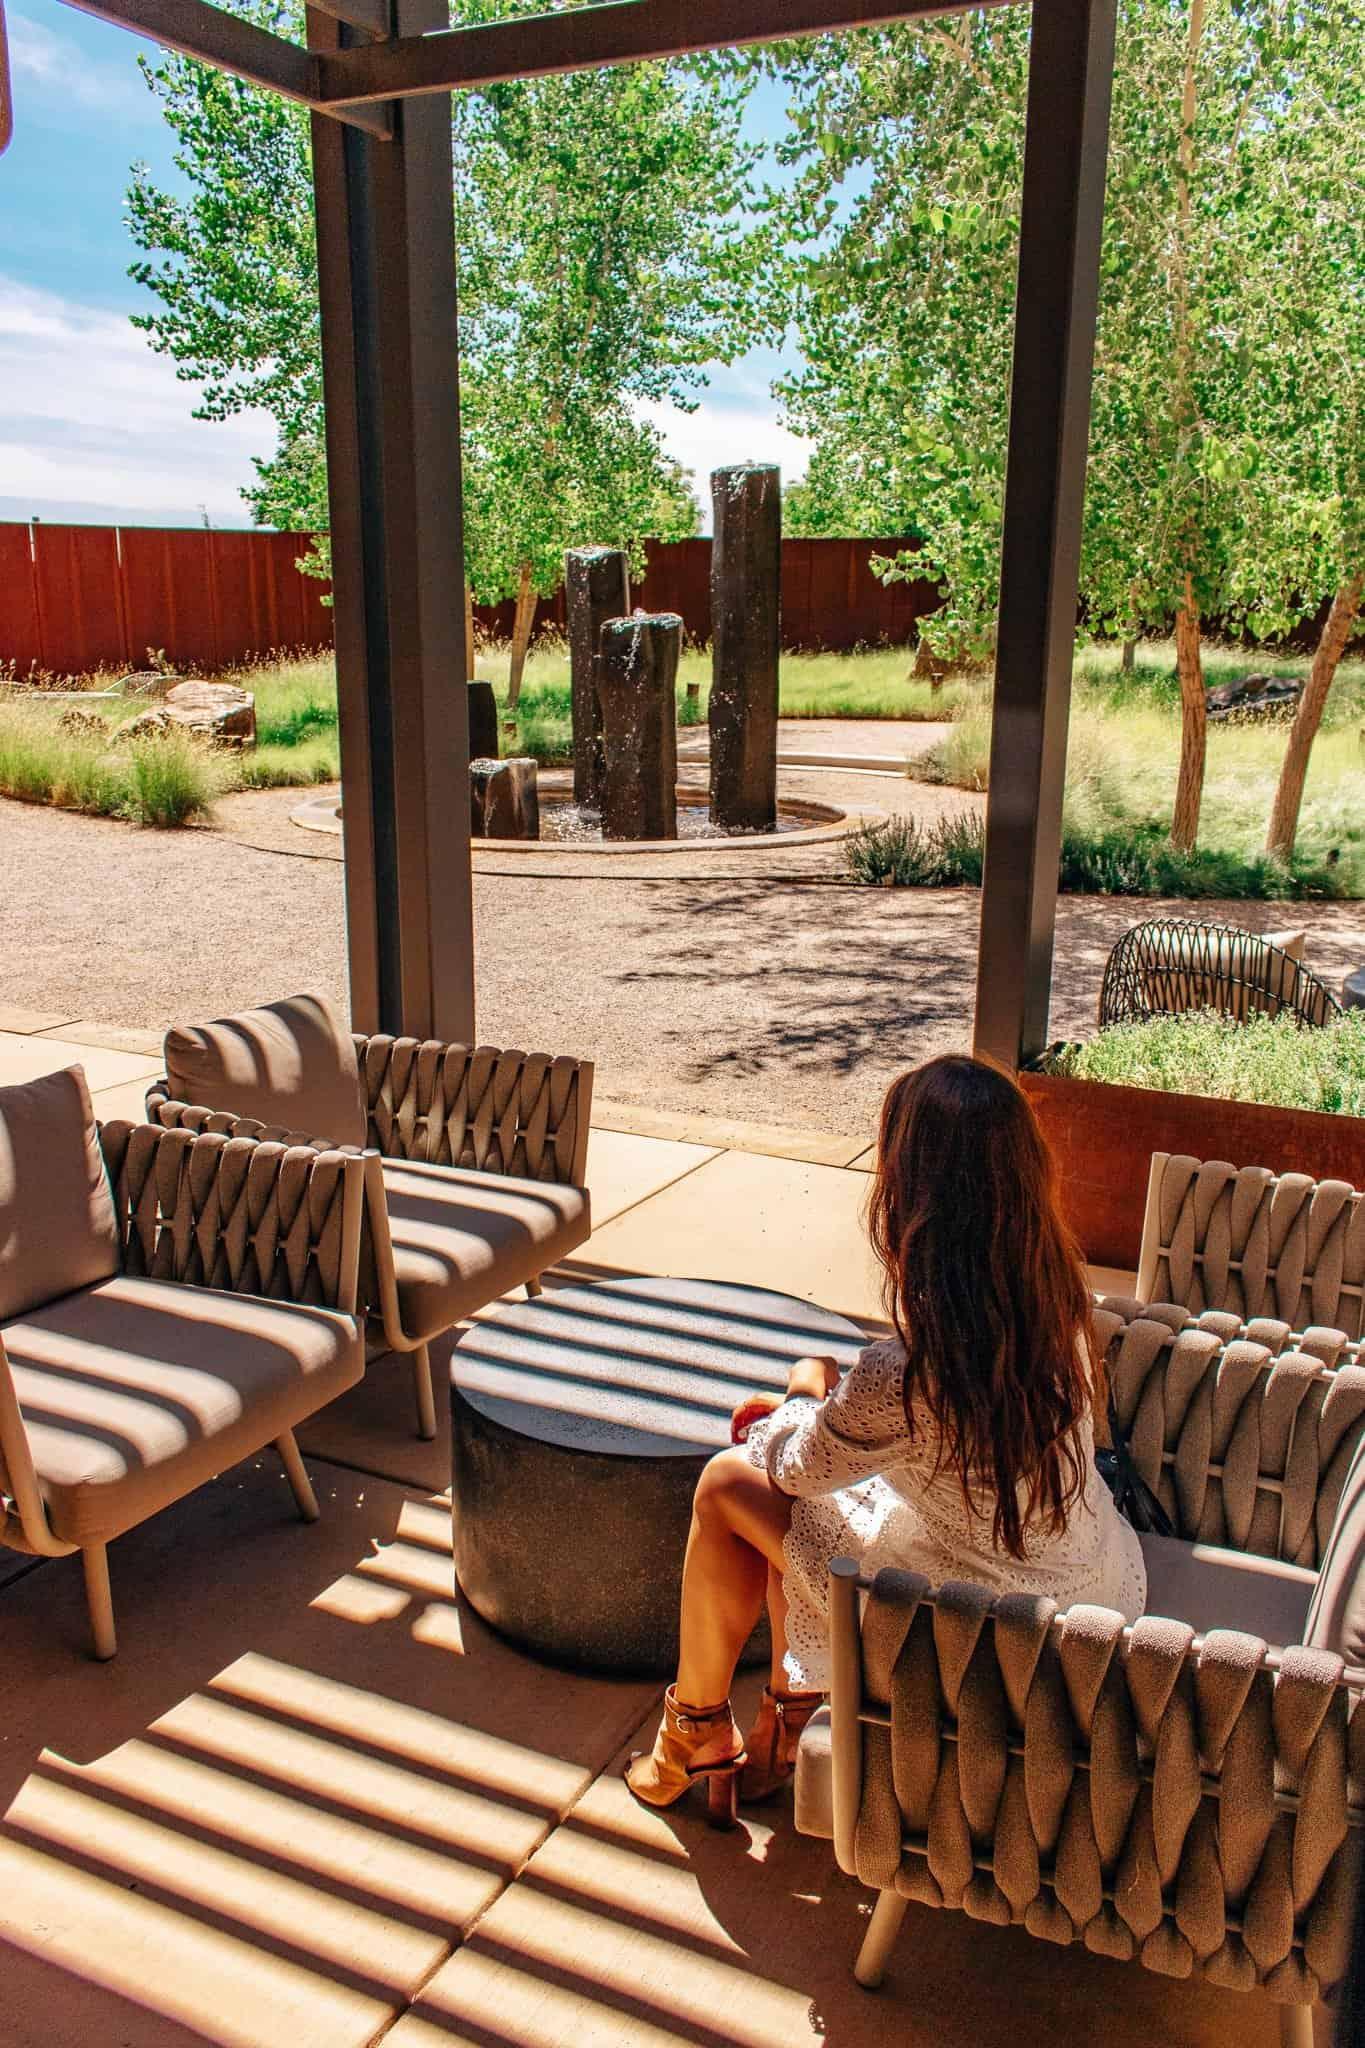 Hotel Chaco Garden - The Next Trip